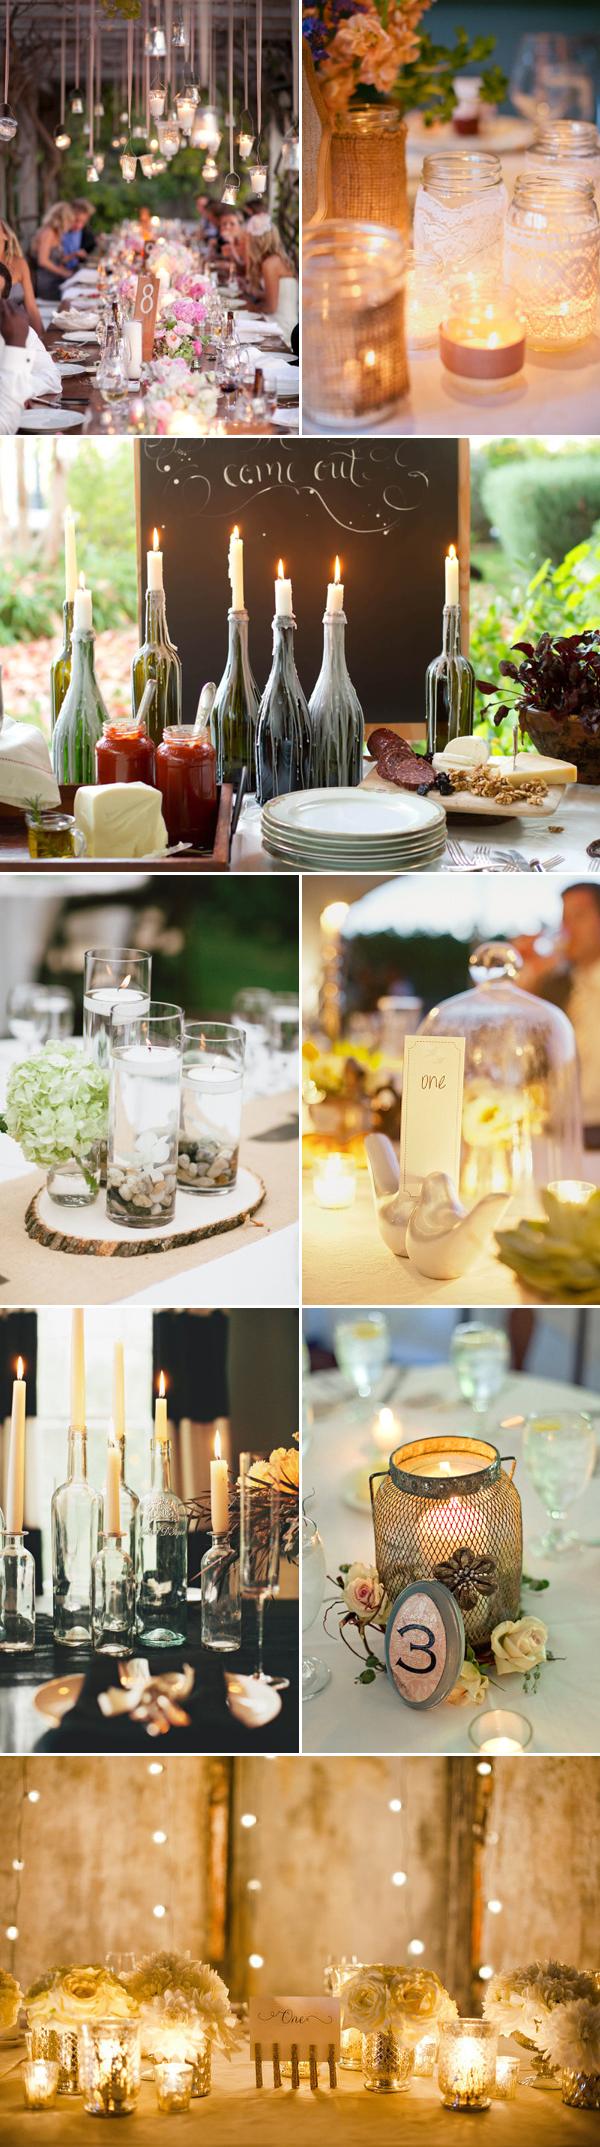 wedding-candle02-creative